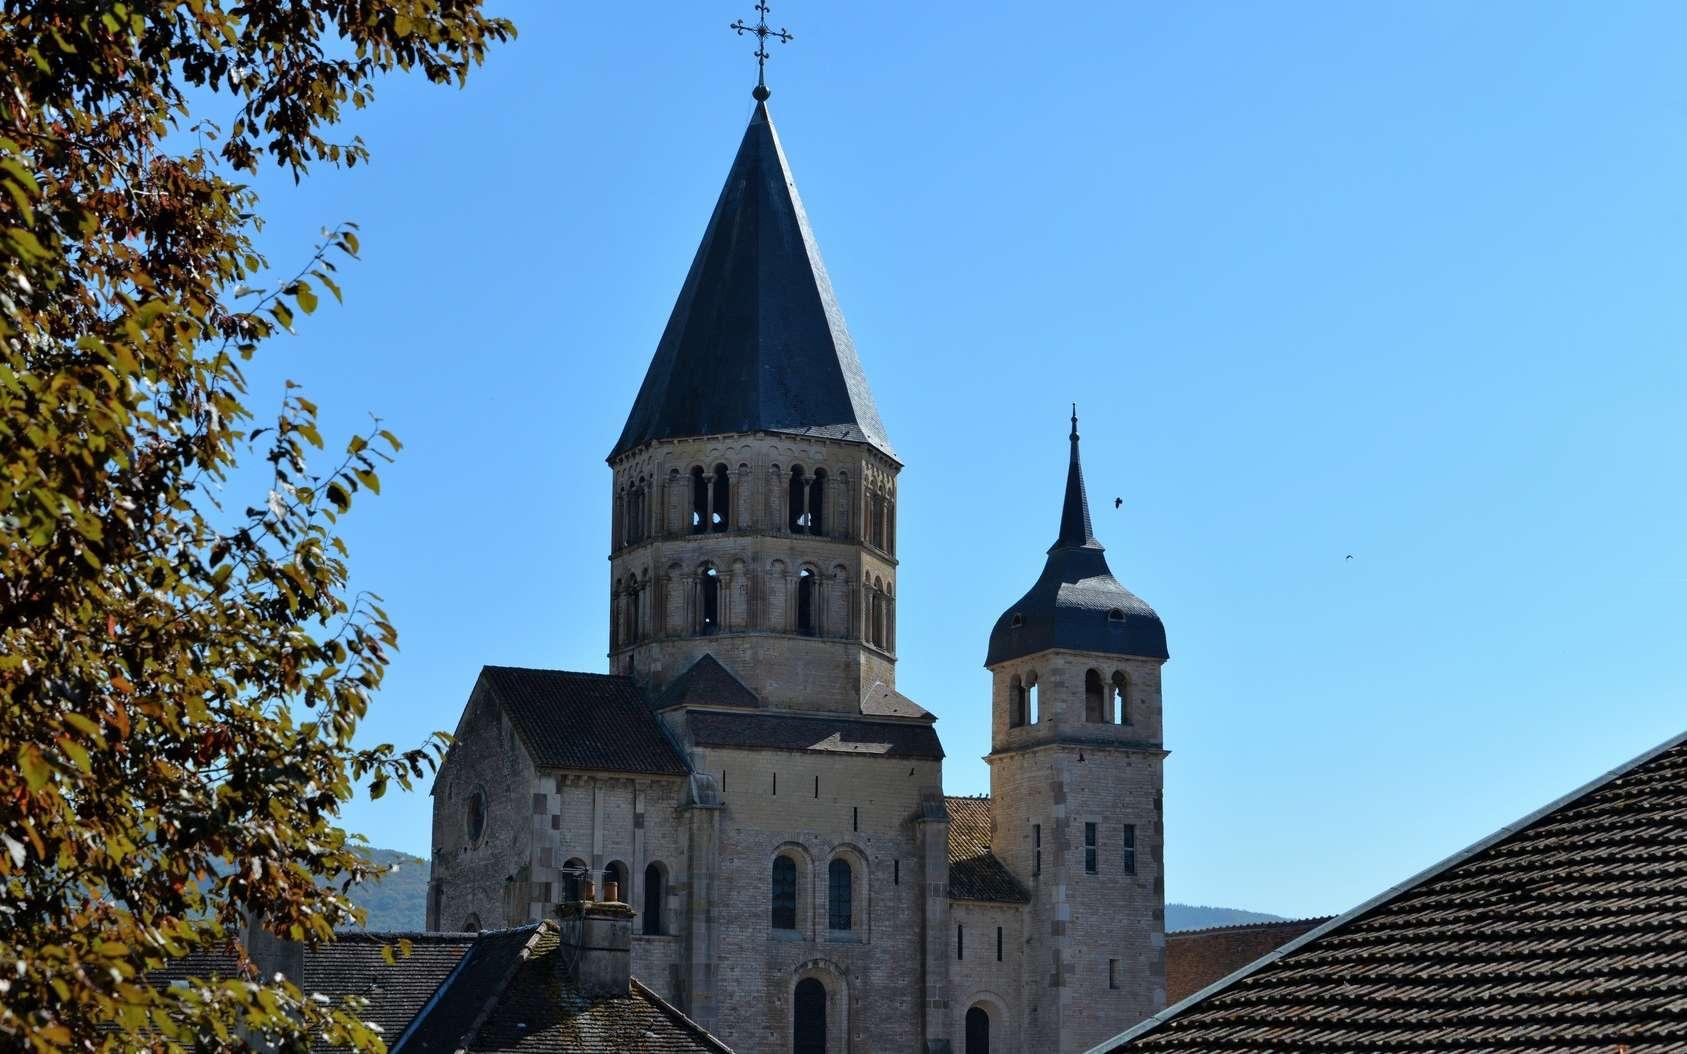 L'abbaye de Cluny se trouve en Saône-et-Loire. © Poiseau Philippe, Fotolia